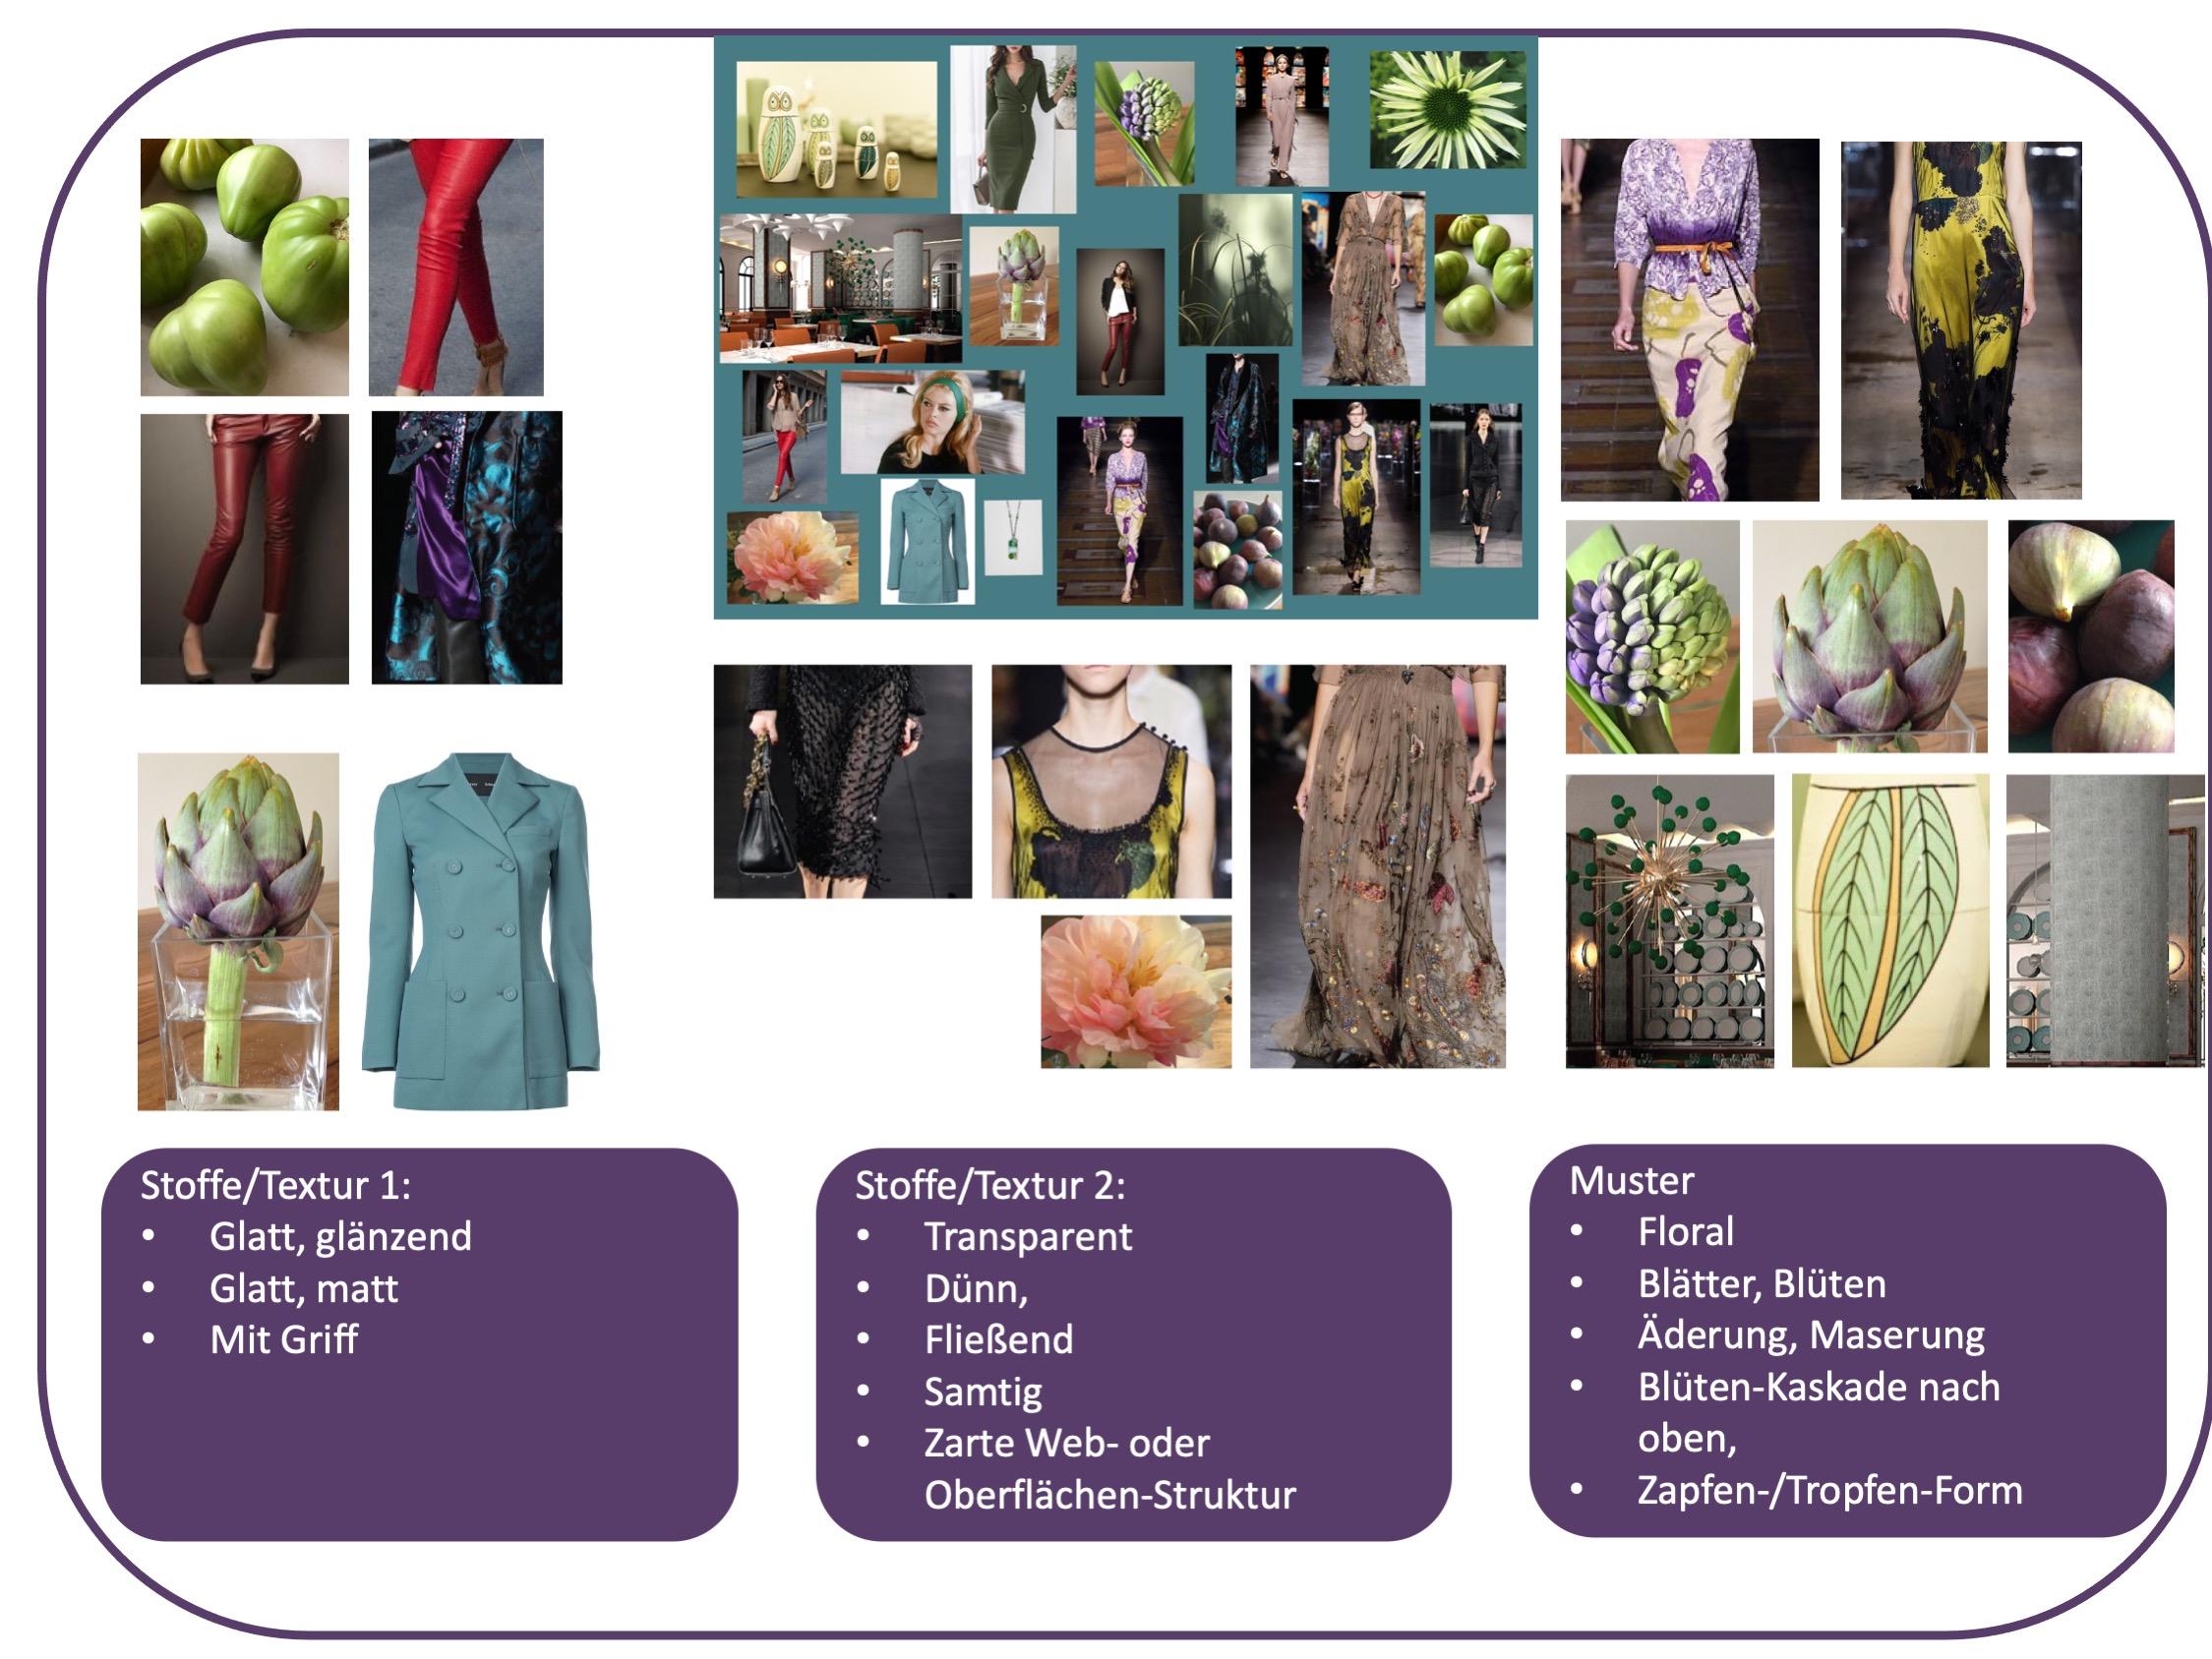 Stiltyp elegant, feminin und sexy - Stoffe und Strukturen des Moodboards